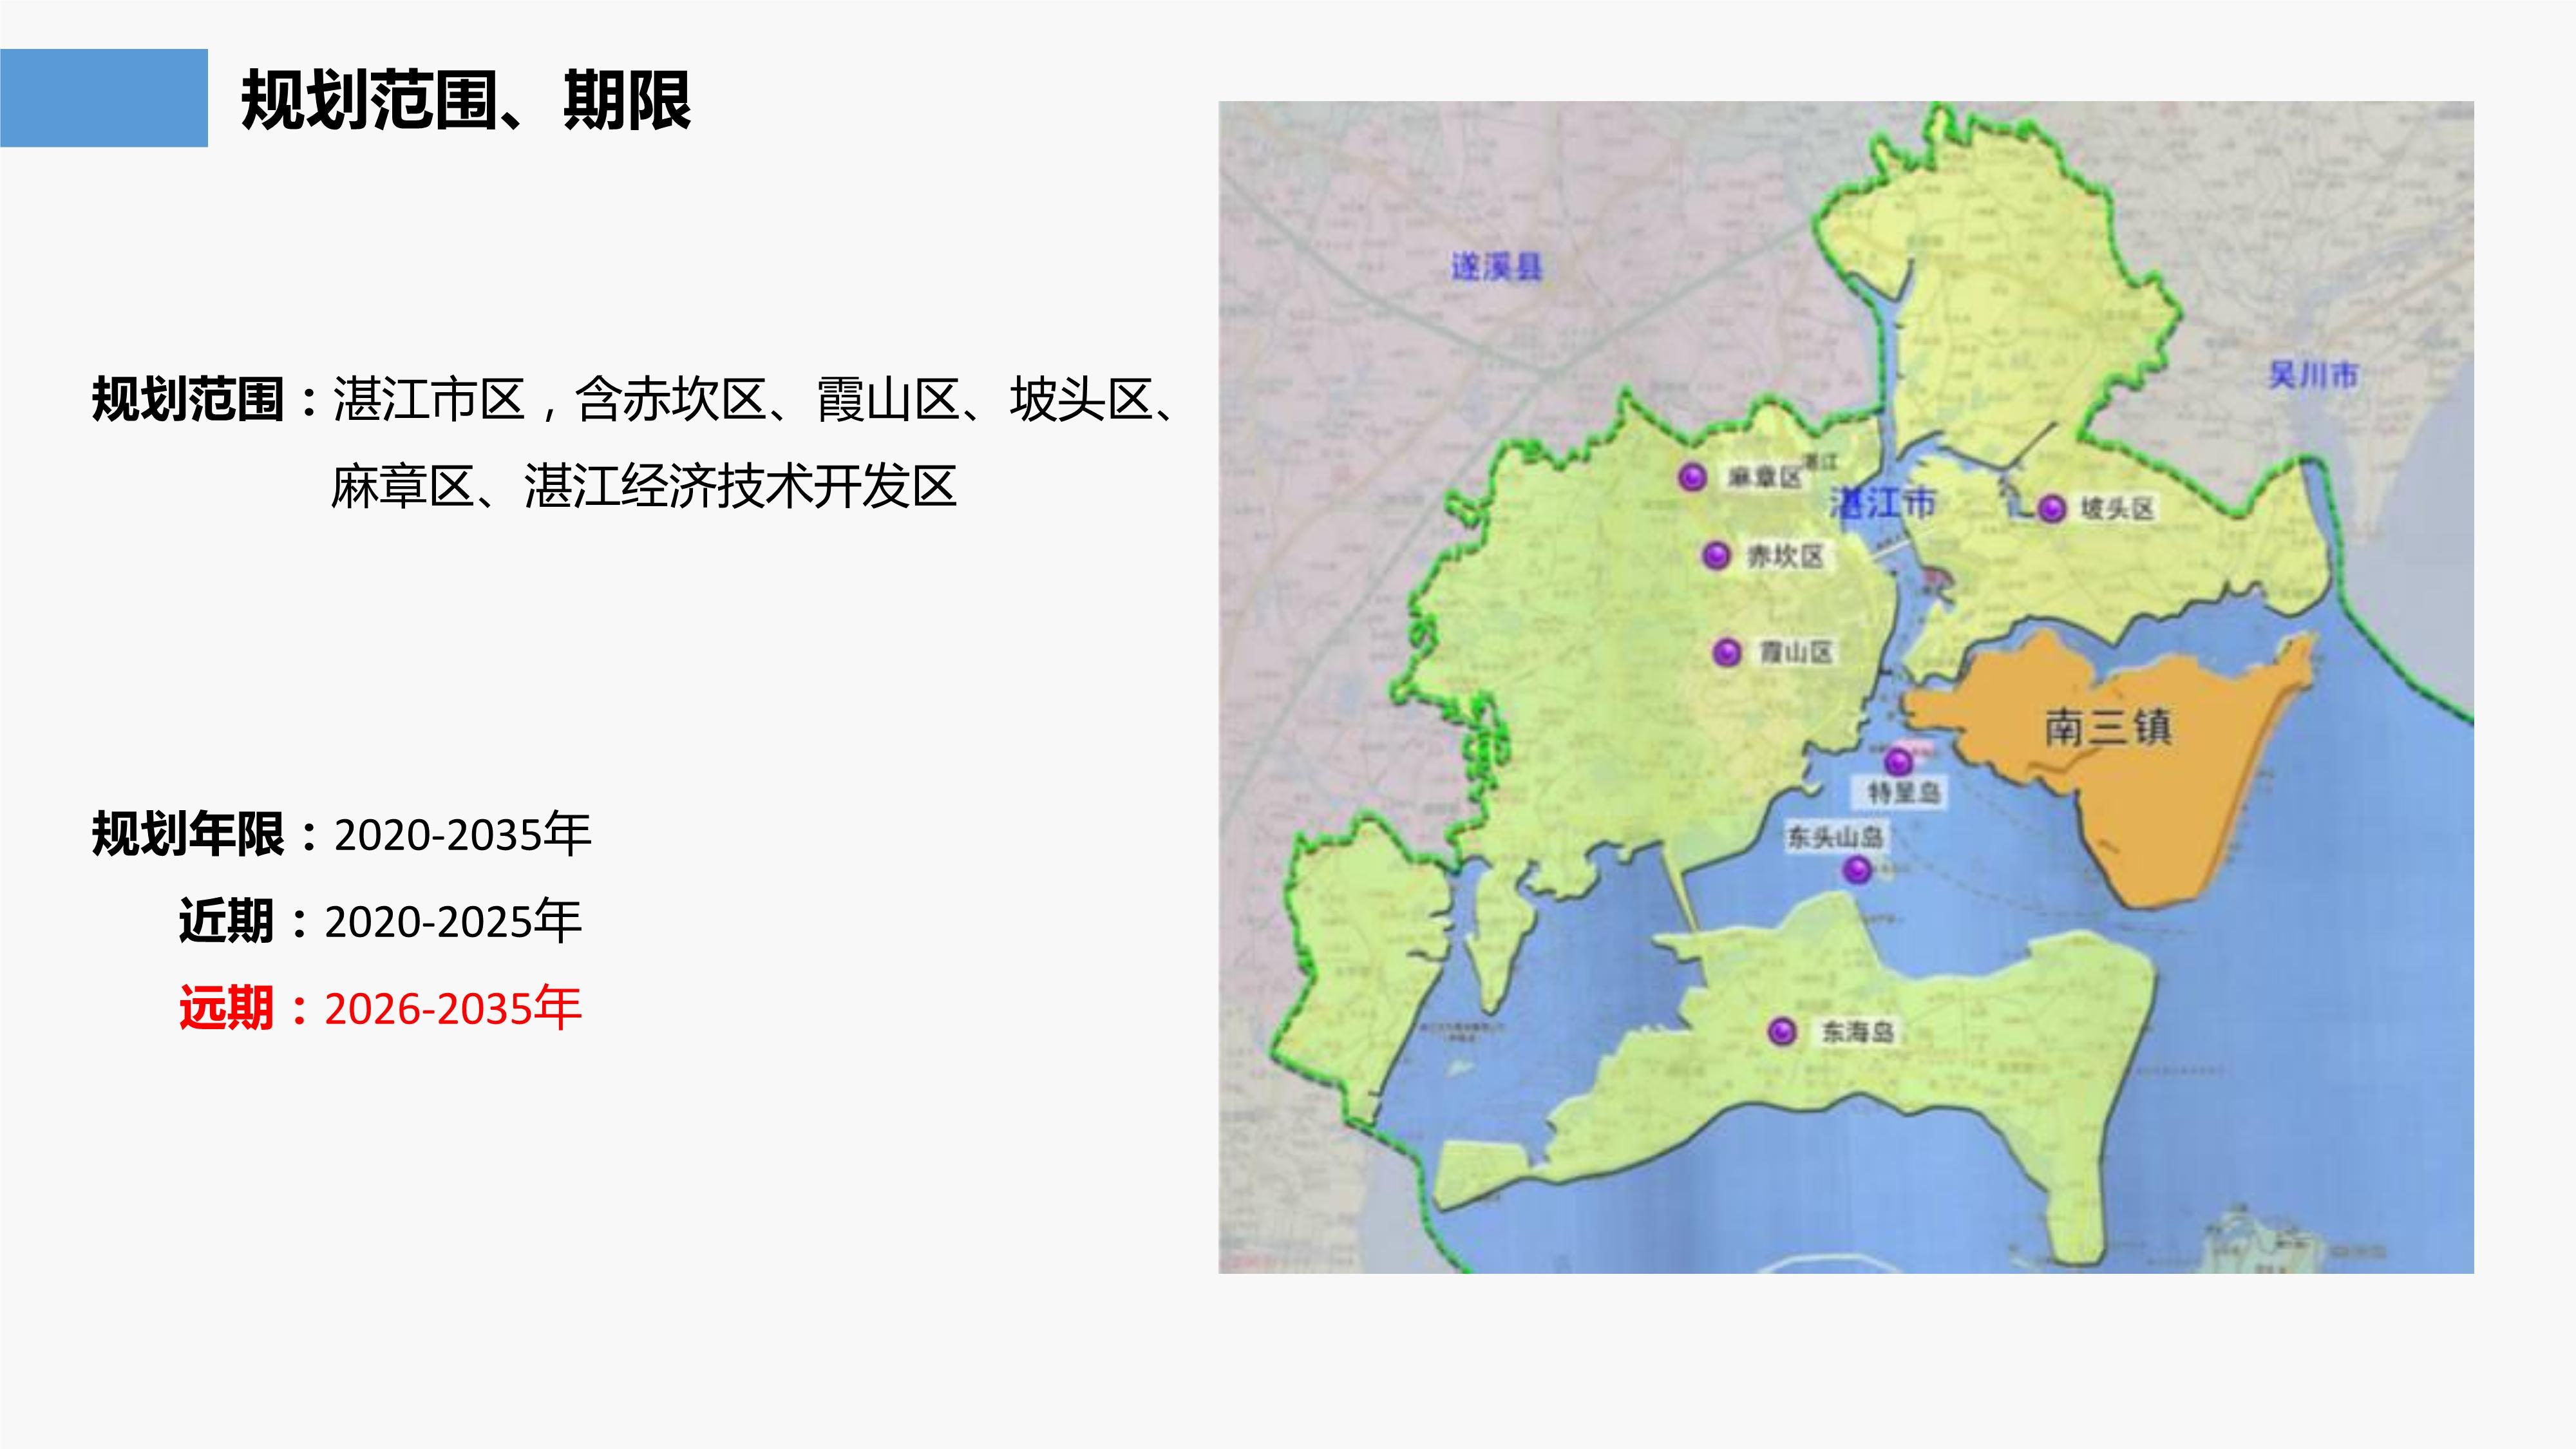 湛江市区生活垃圾分类专项规划(2020-2035年)政策解读(1)_2.jpg